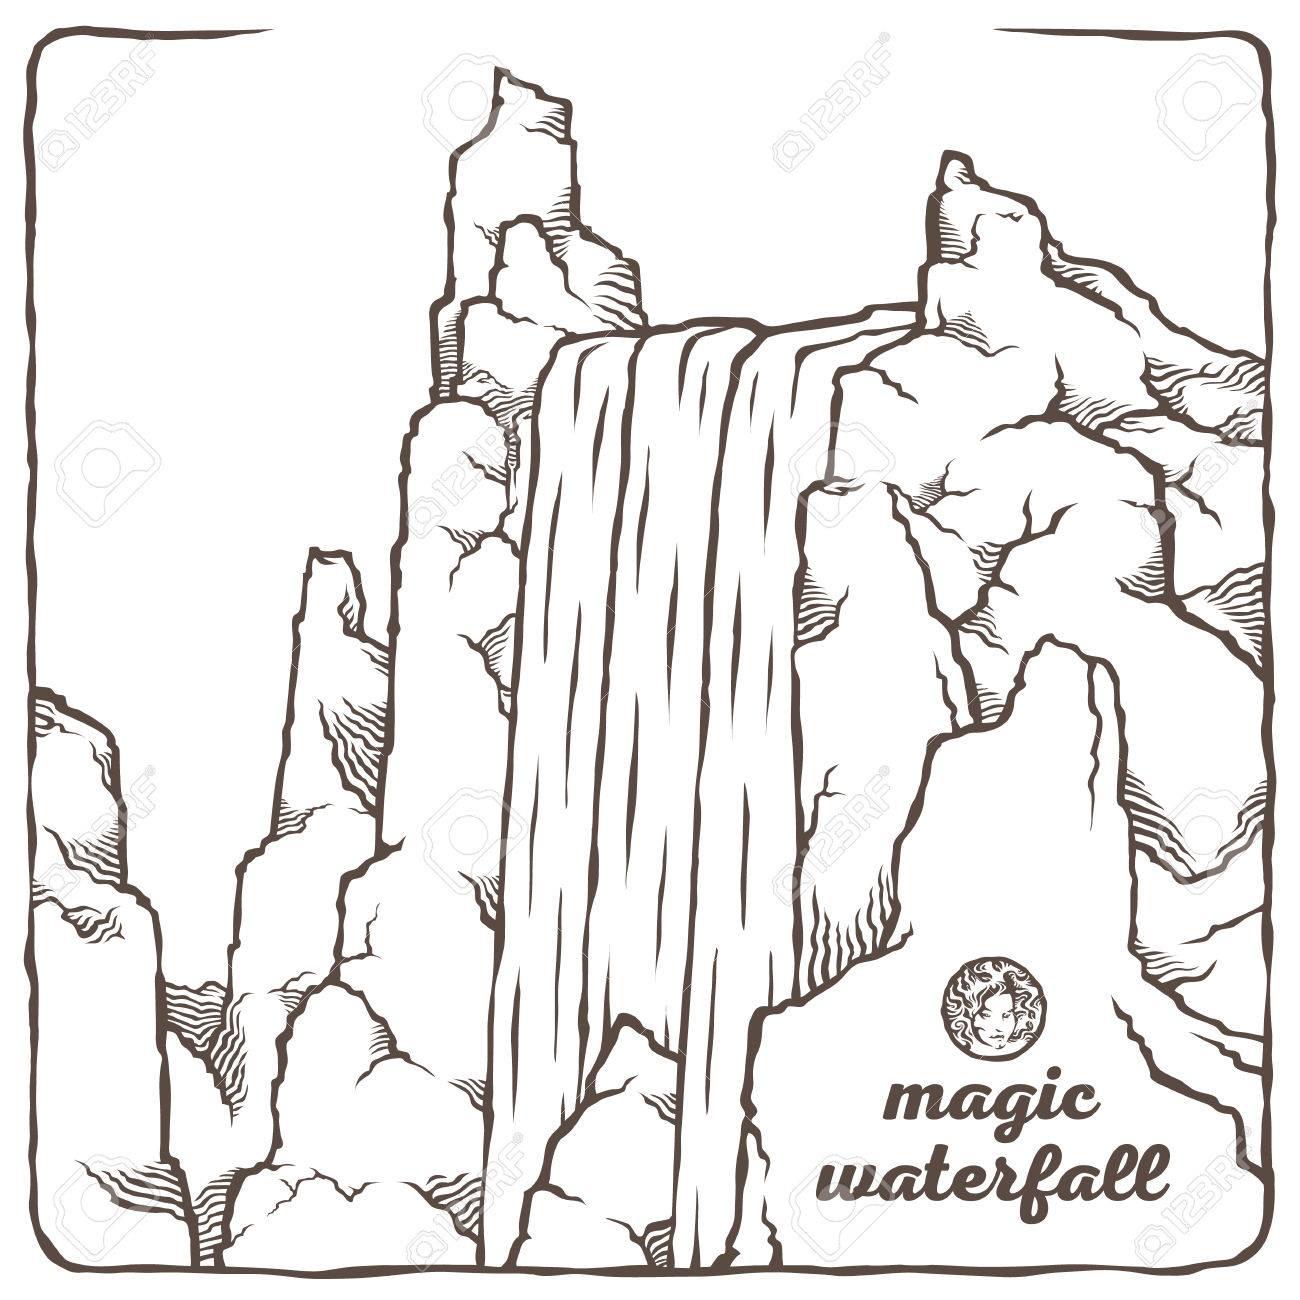 Image Du Contour De La Cascade Vector Isole Paysage De Montagne En Arriere Plan De La Nature Et Le Ciel L Eau Et Les Pierres La Beaute Magique De La Nature Clip Art Libres